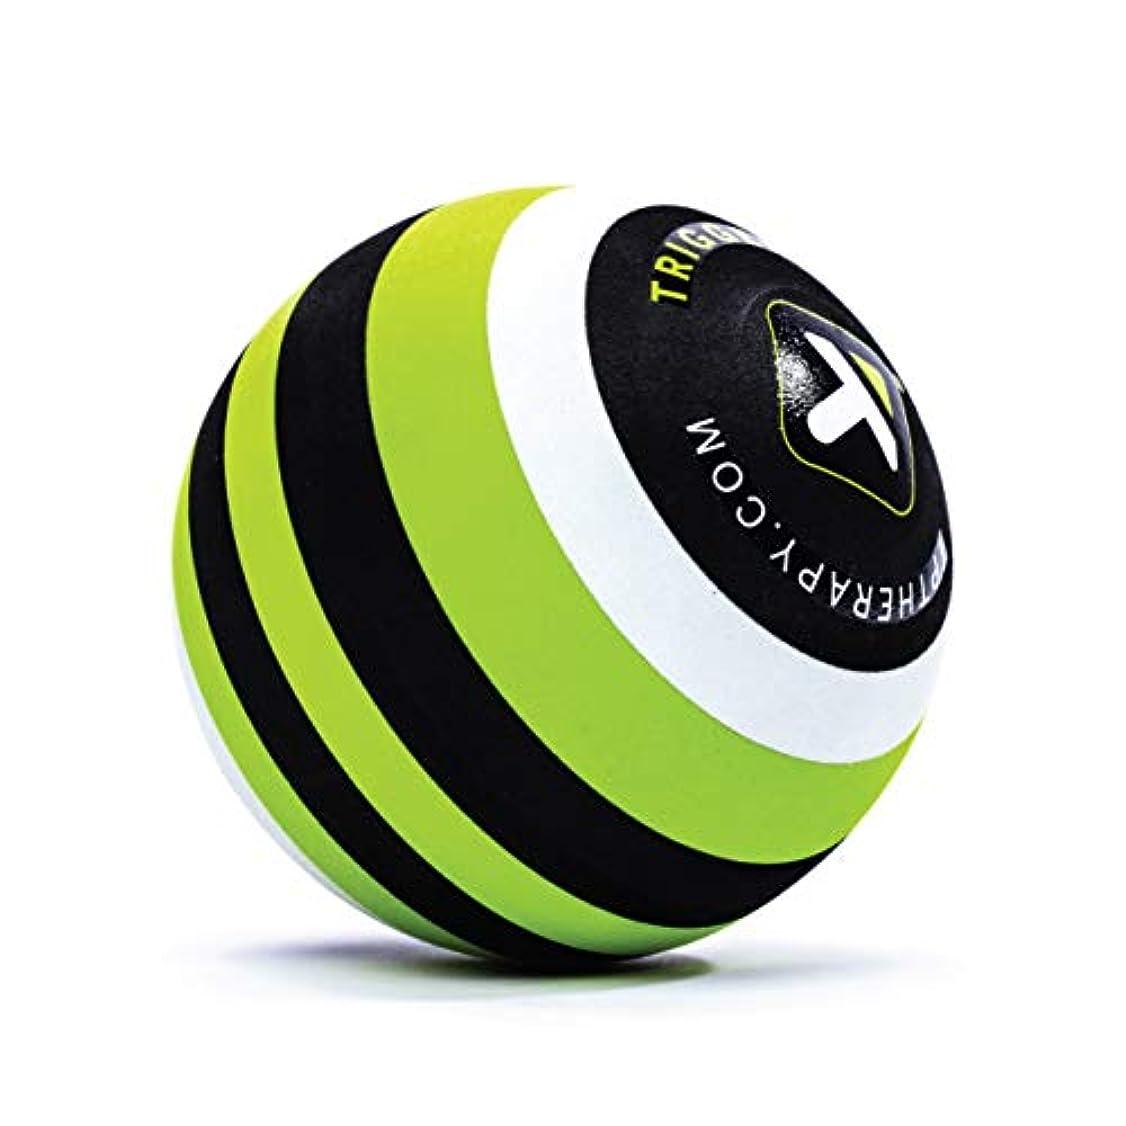 モナリザ産地アンソロジー【日本正規品 1年保証】 トリガーポイント(TRIGGERPOINT) マッサージボール MBシリーズ 筋膜リリース